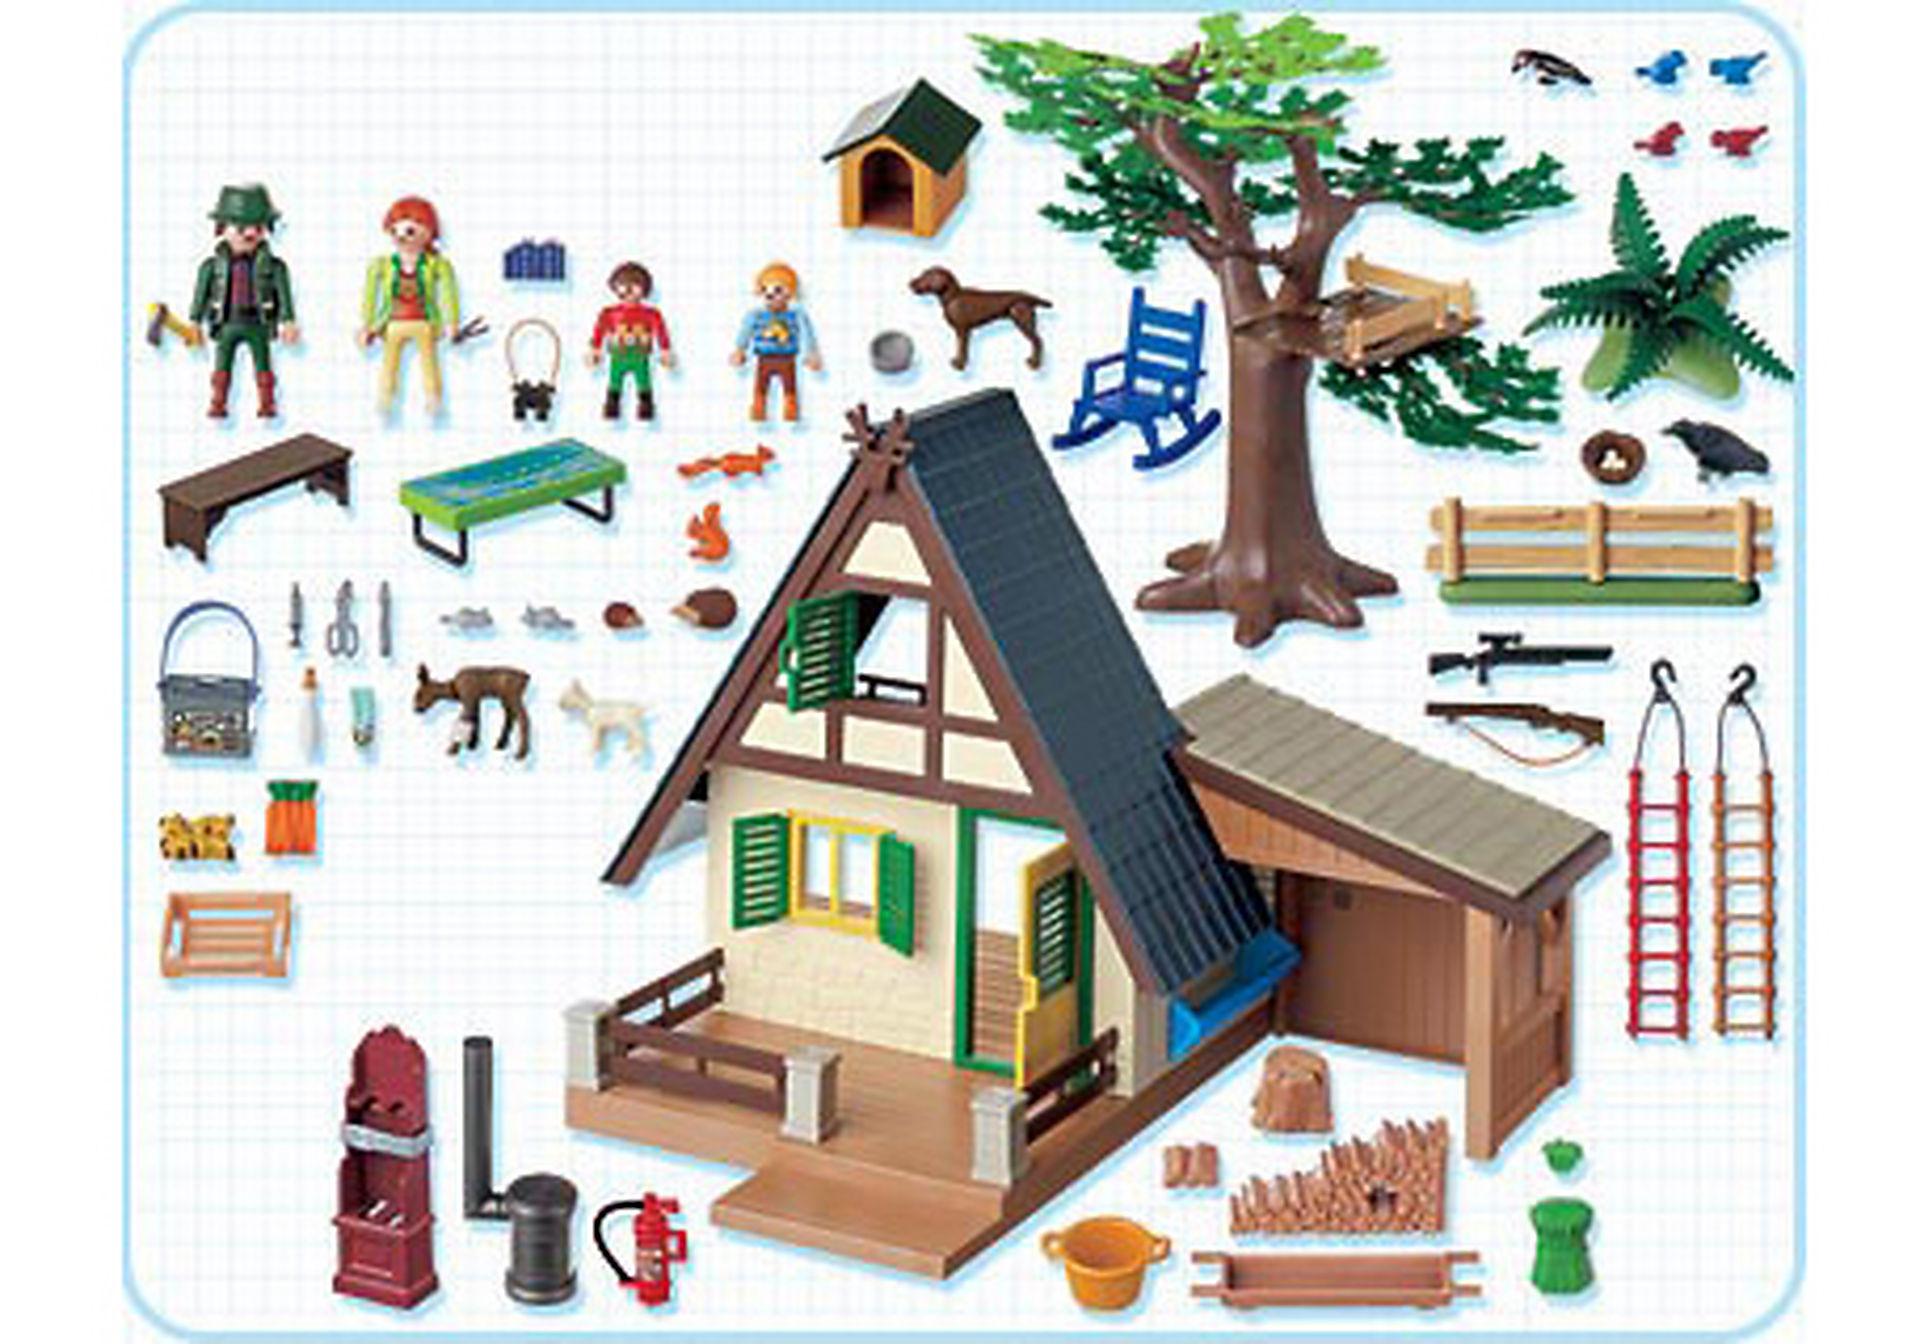 4207-A Forsthaus mit Tierpflegestation zoom image2